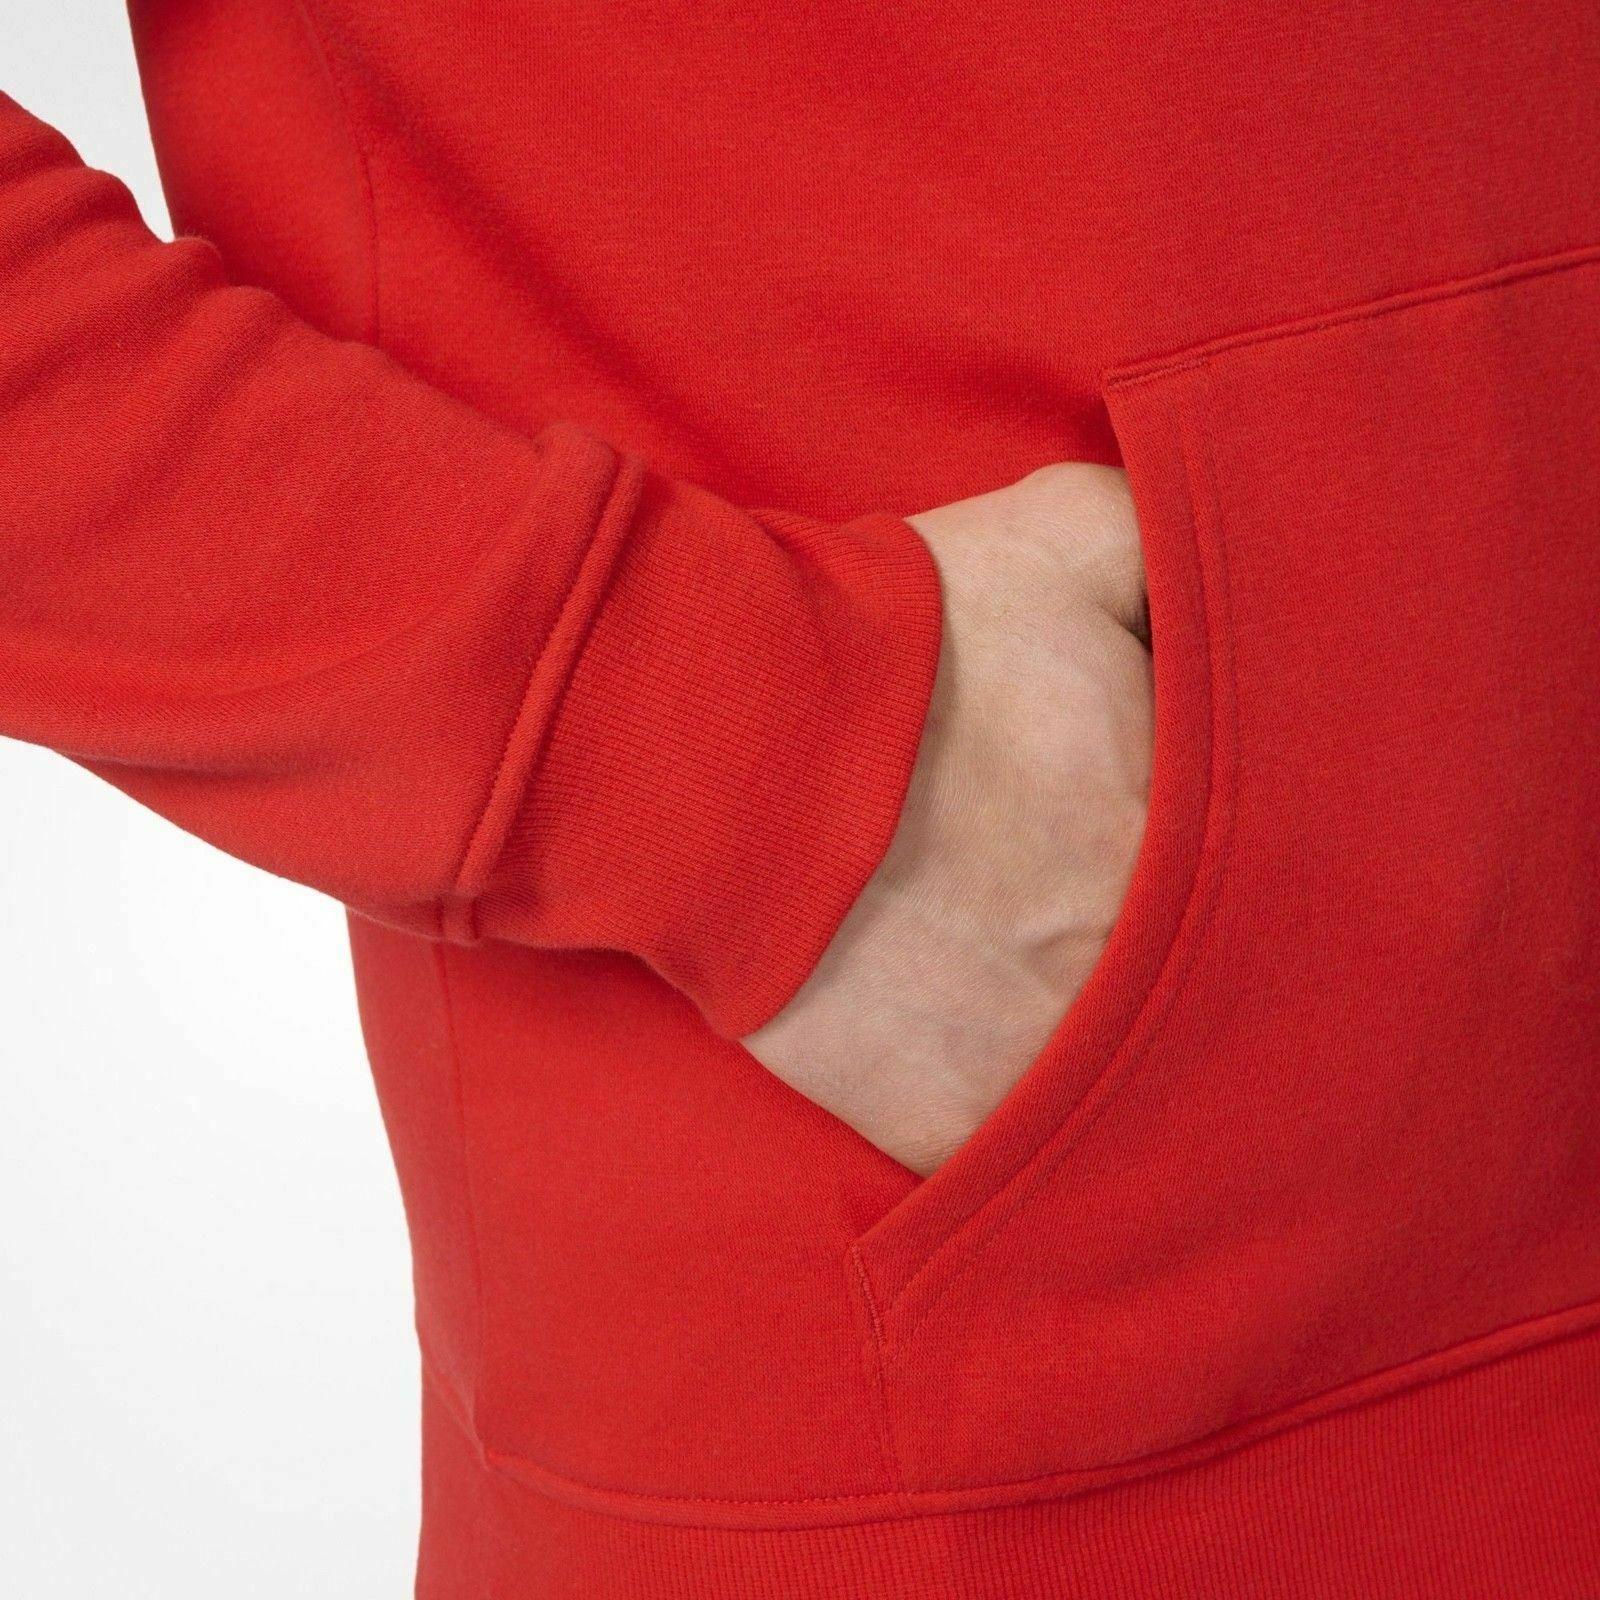 Détails sur Adidas Chicago Bulls Graphique Capuche NBA ROUGE S XL Pull Sweat Basketball